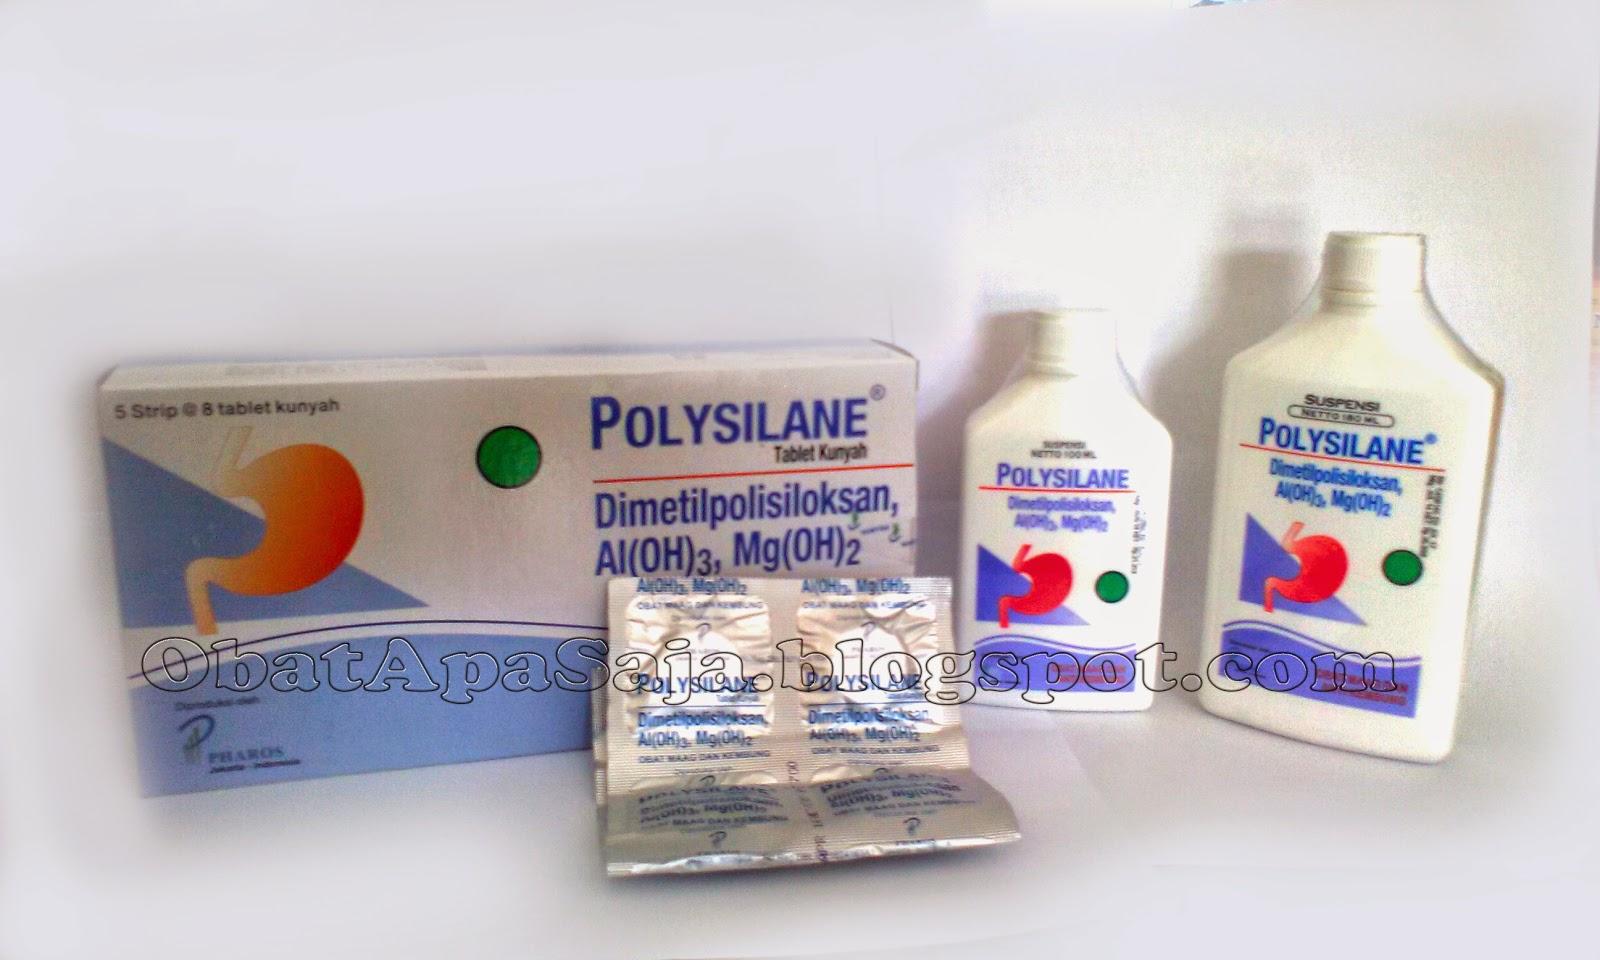 polysilane obat maag dan anti kembung